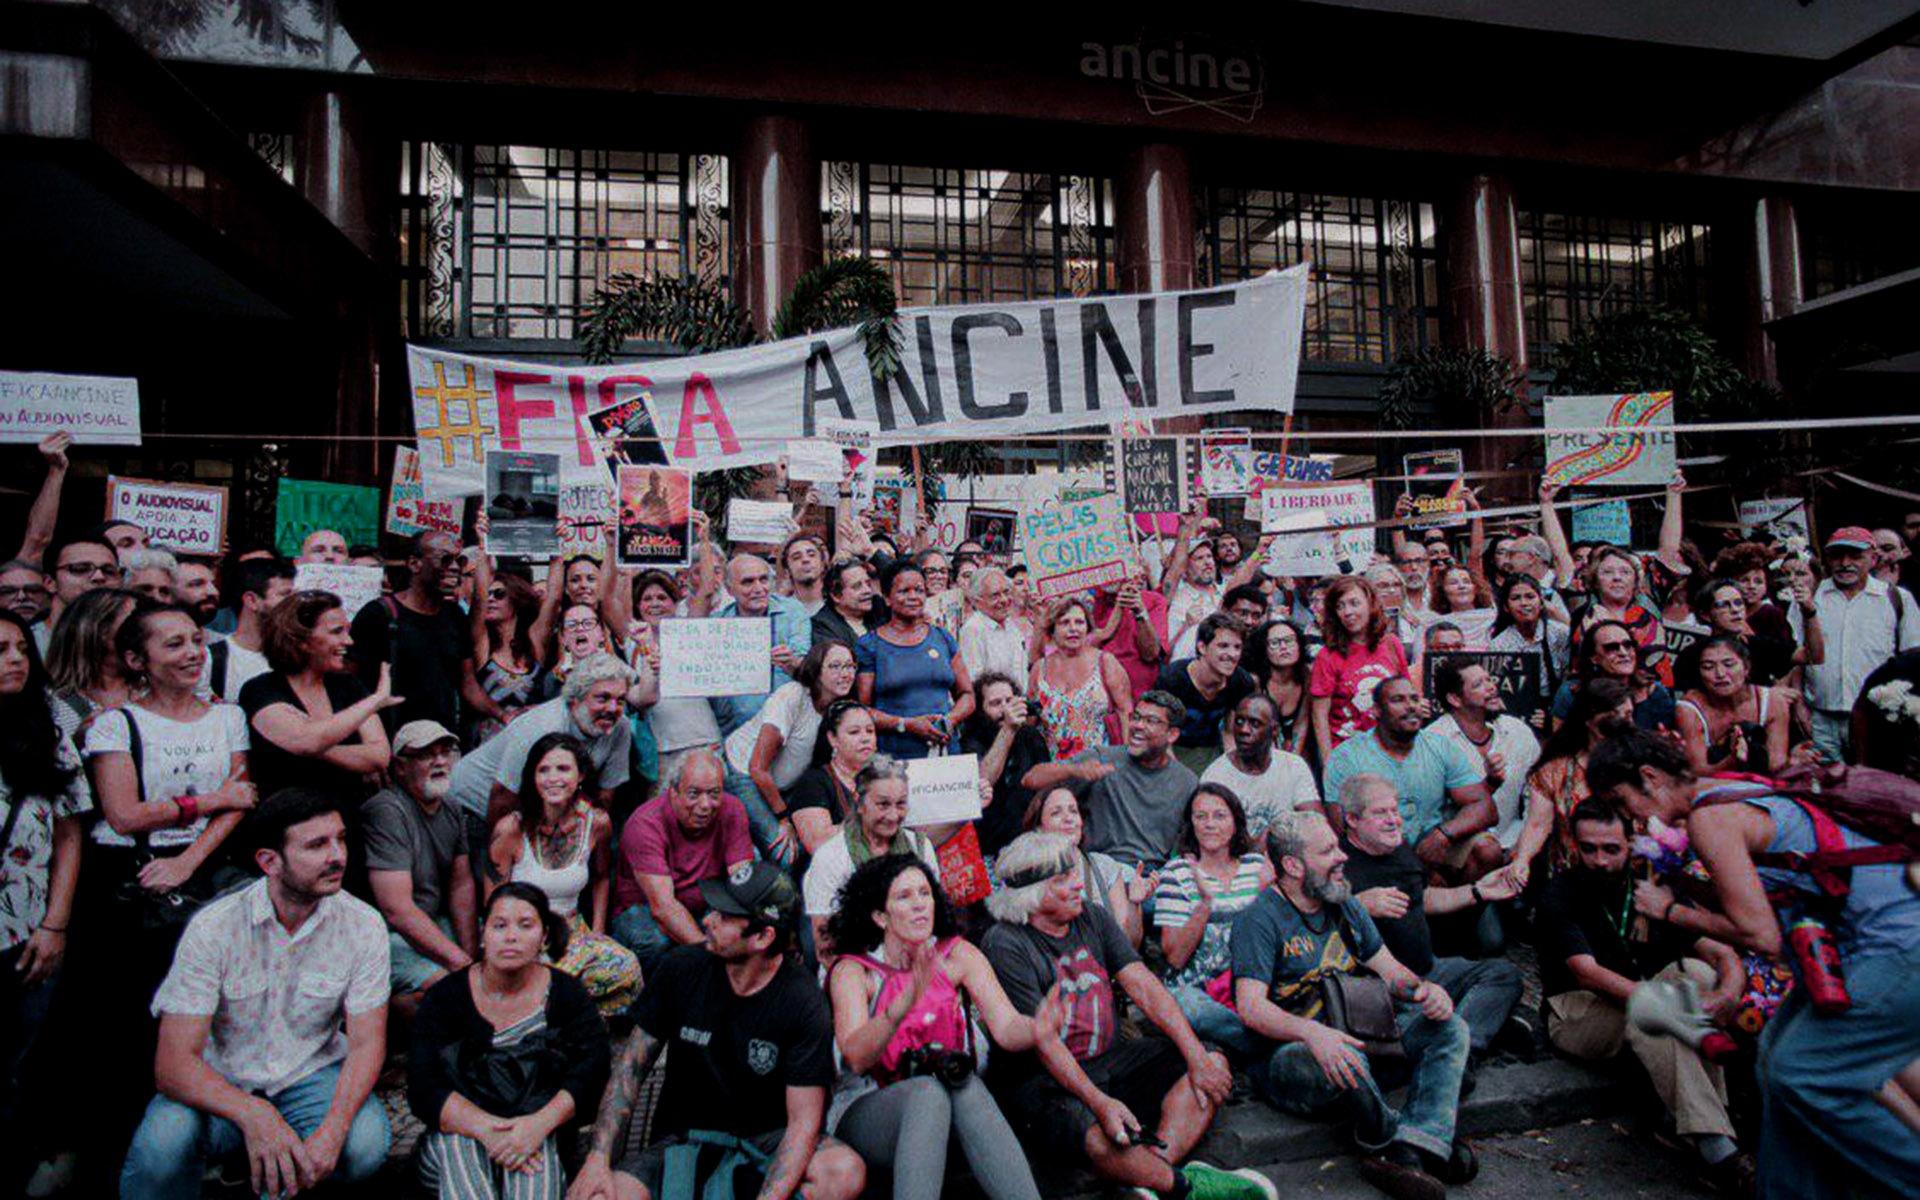 A Ancine e os ataques à cultura promovidos por Bolsonaro